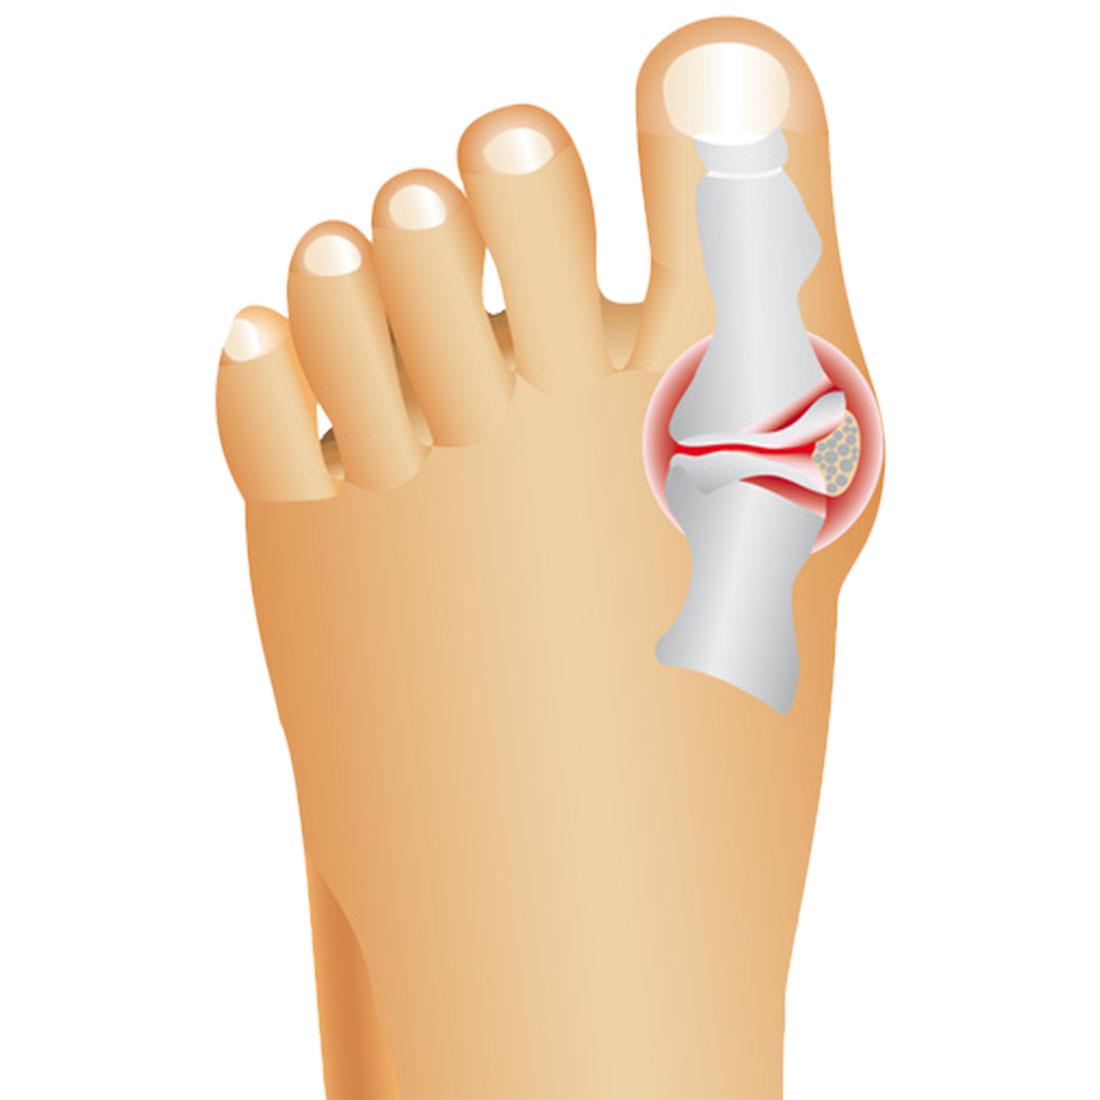 Корректор больших пальцев ног ночной, 1 пара [06781],